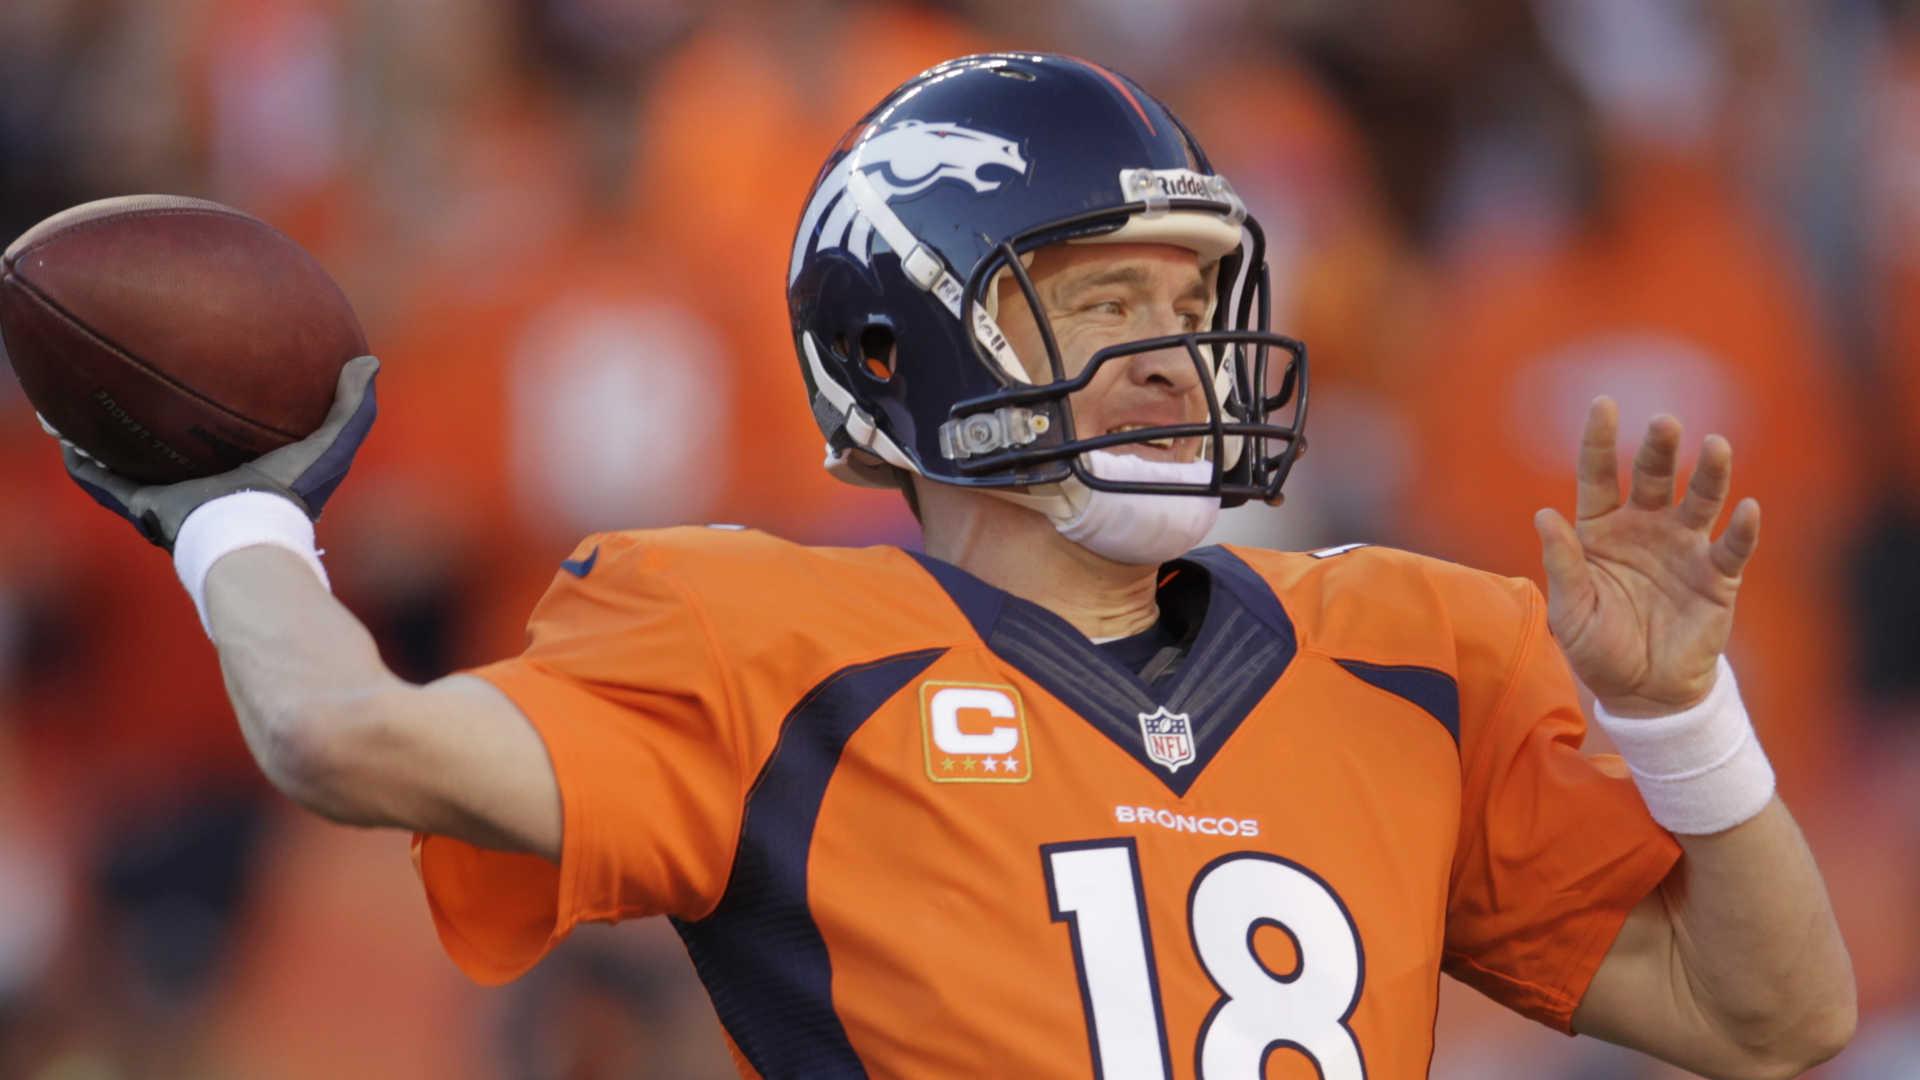 Peyton-Manning-012314-AP-FTR